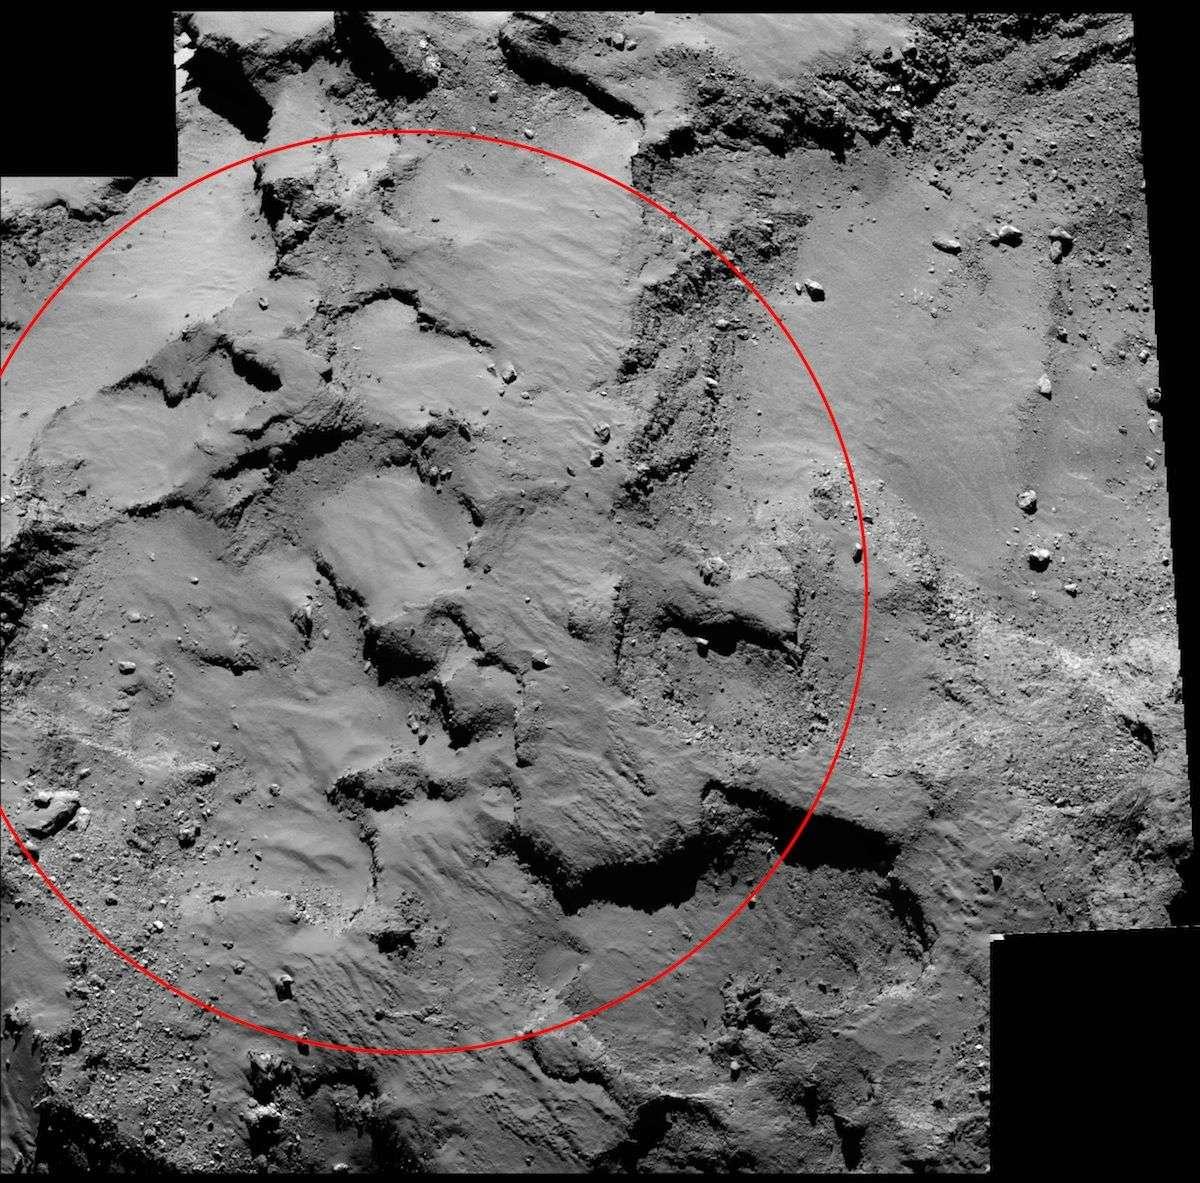 Détail du site Agilkia, où Philae doit se poser, quelque part à l'intérieur du cercle rouge, d'un diamètre de 500 m. Ces deux images, d'une résolution de 50 cm par pixel, ont été prises par la caméra Osiris de la sonde Rosetta, le 14 septembre à environ 30 km de distance. © Esa, Rosetta, MPS pour Osiris, UPD, Lam, IAA, SSO, INTA, UPM, DAPS, Ida